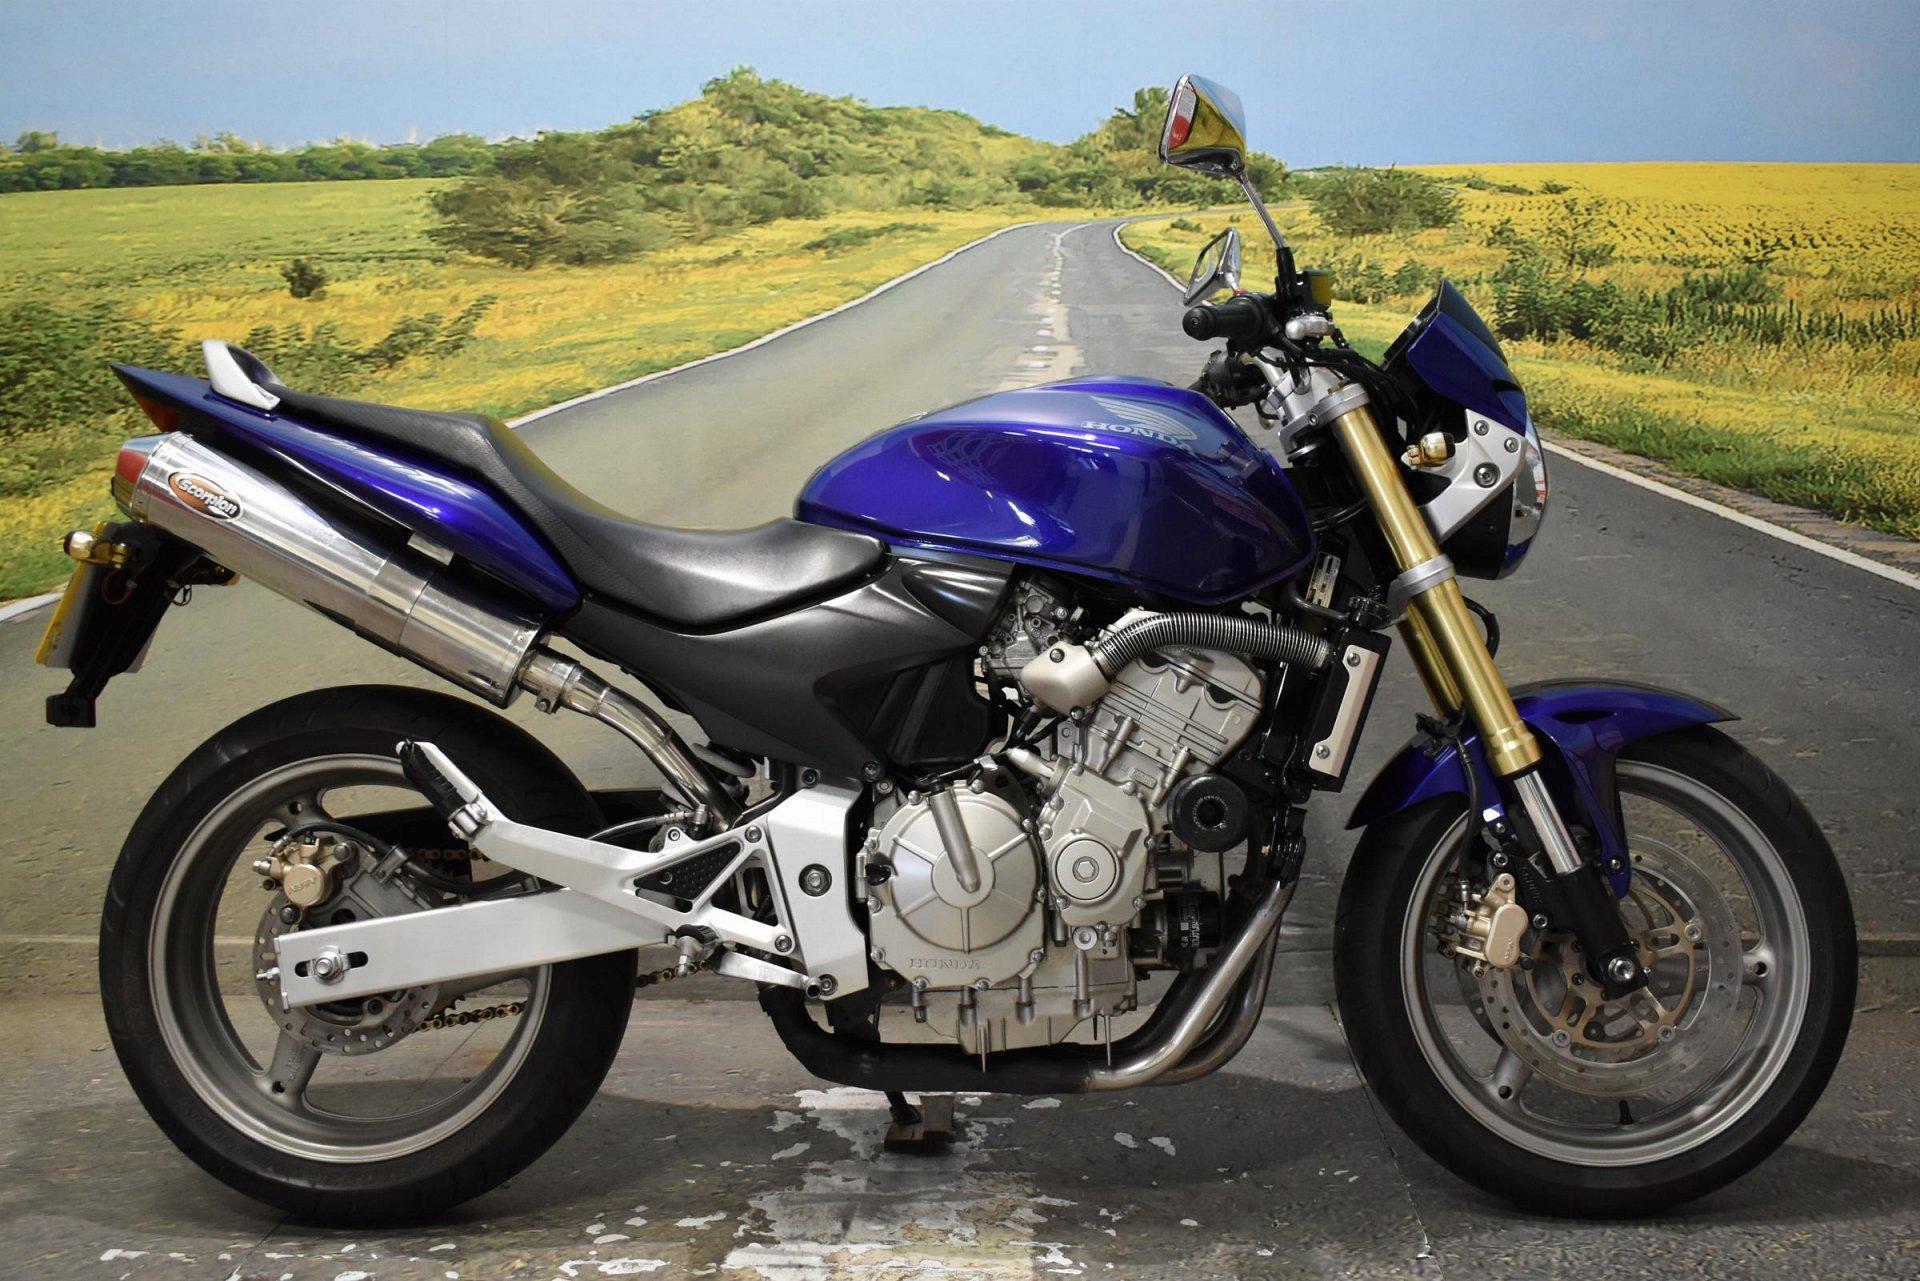 2007 Honda CB600F for sale in Derbyshire